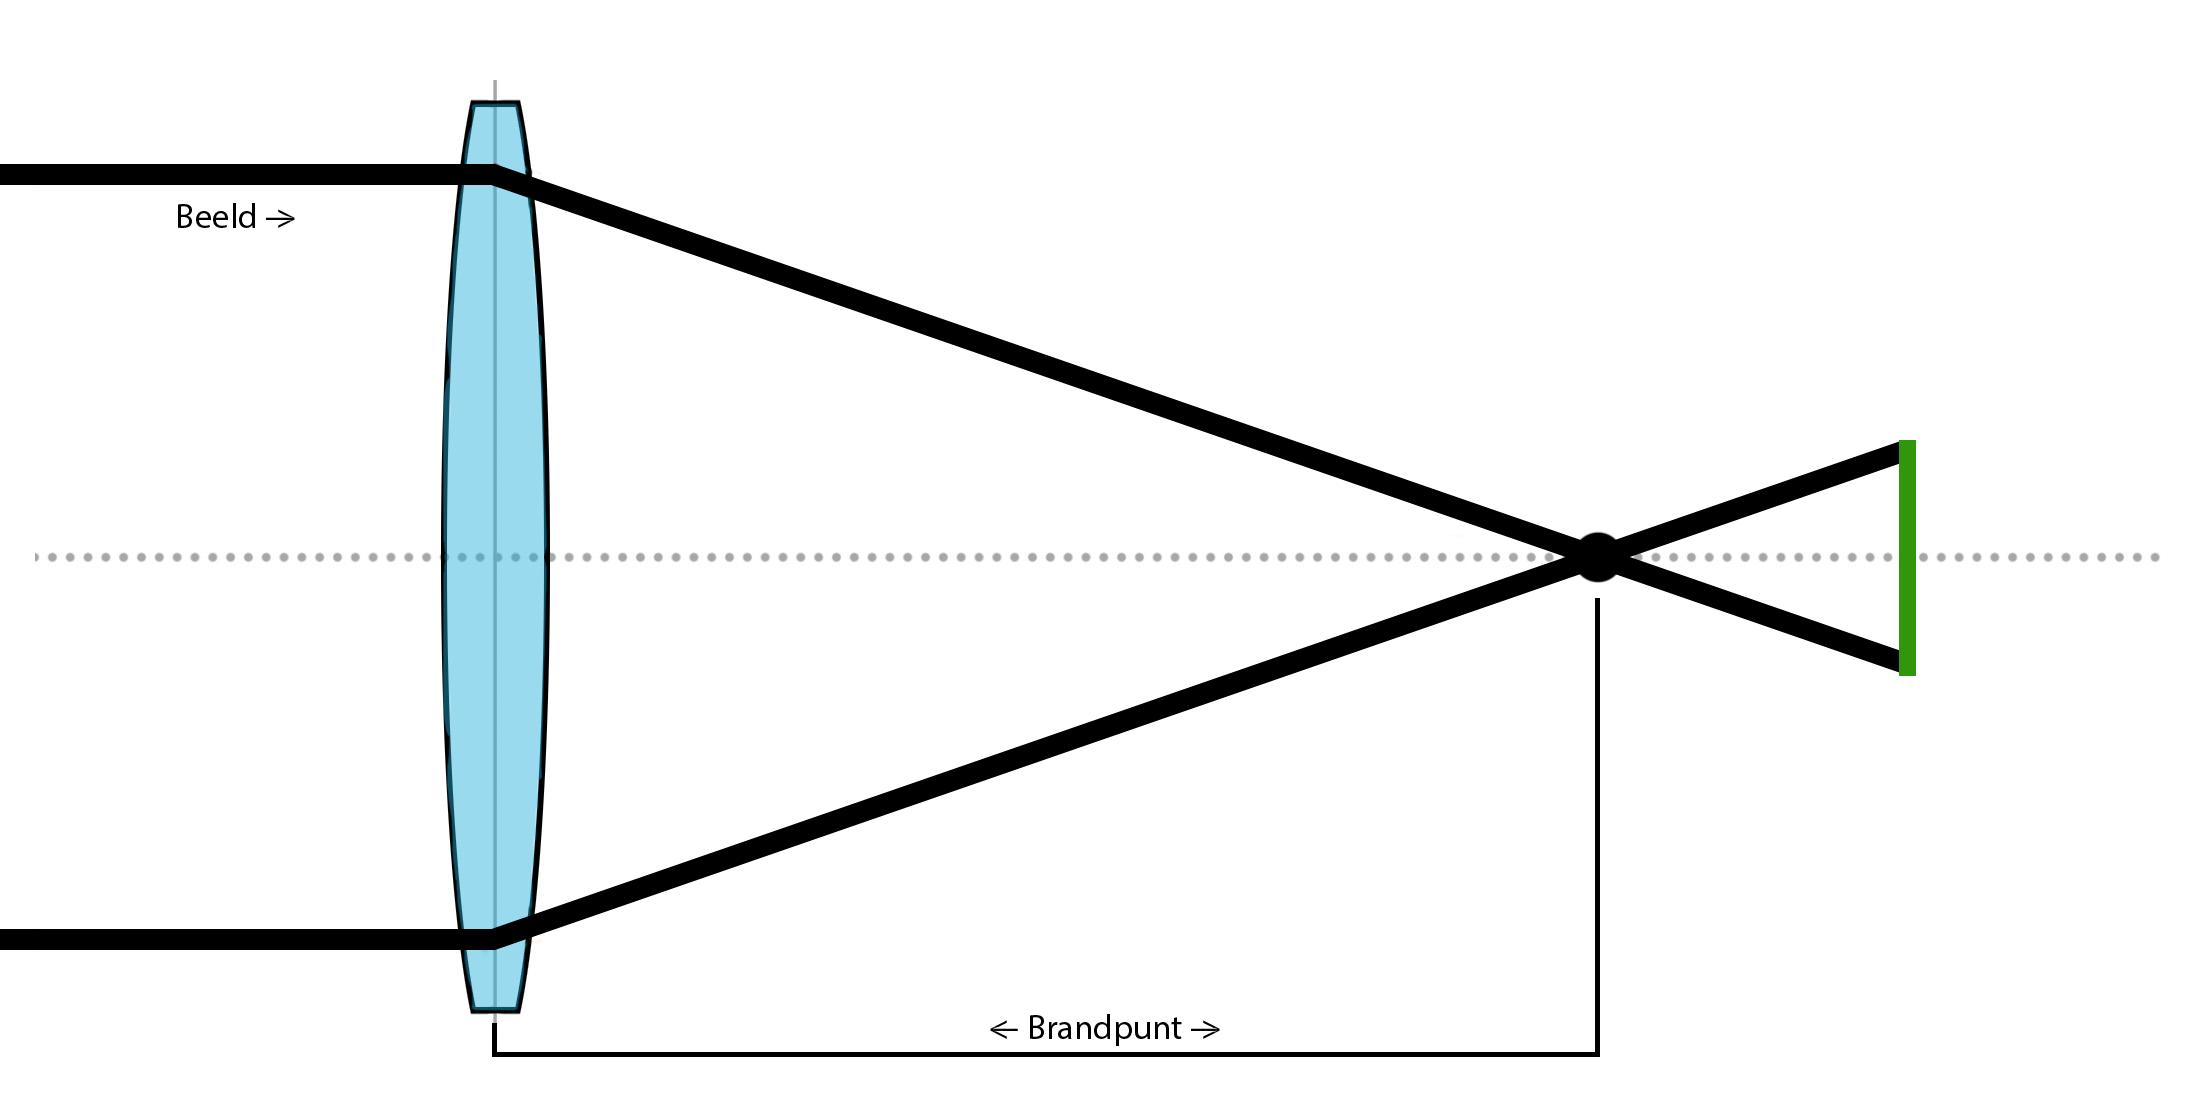 Een schematische voorstelling van een brandpunt